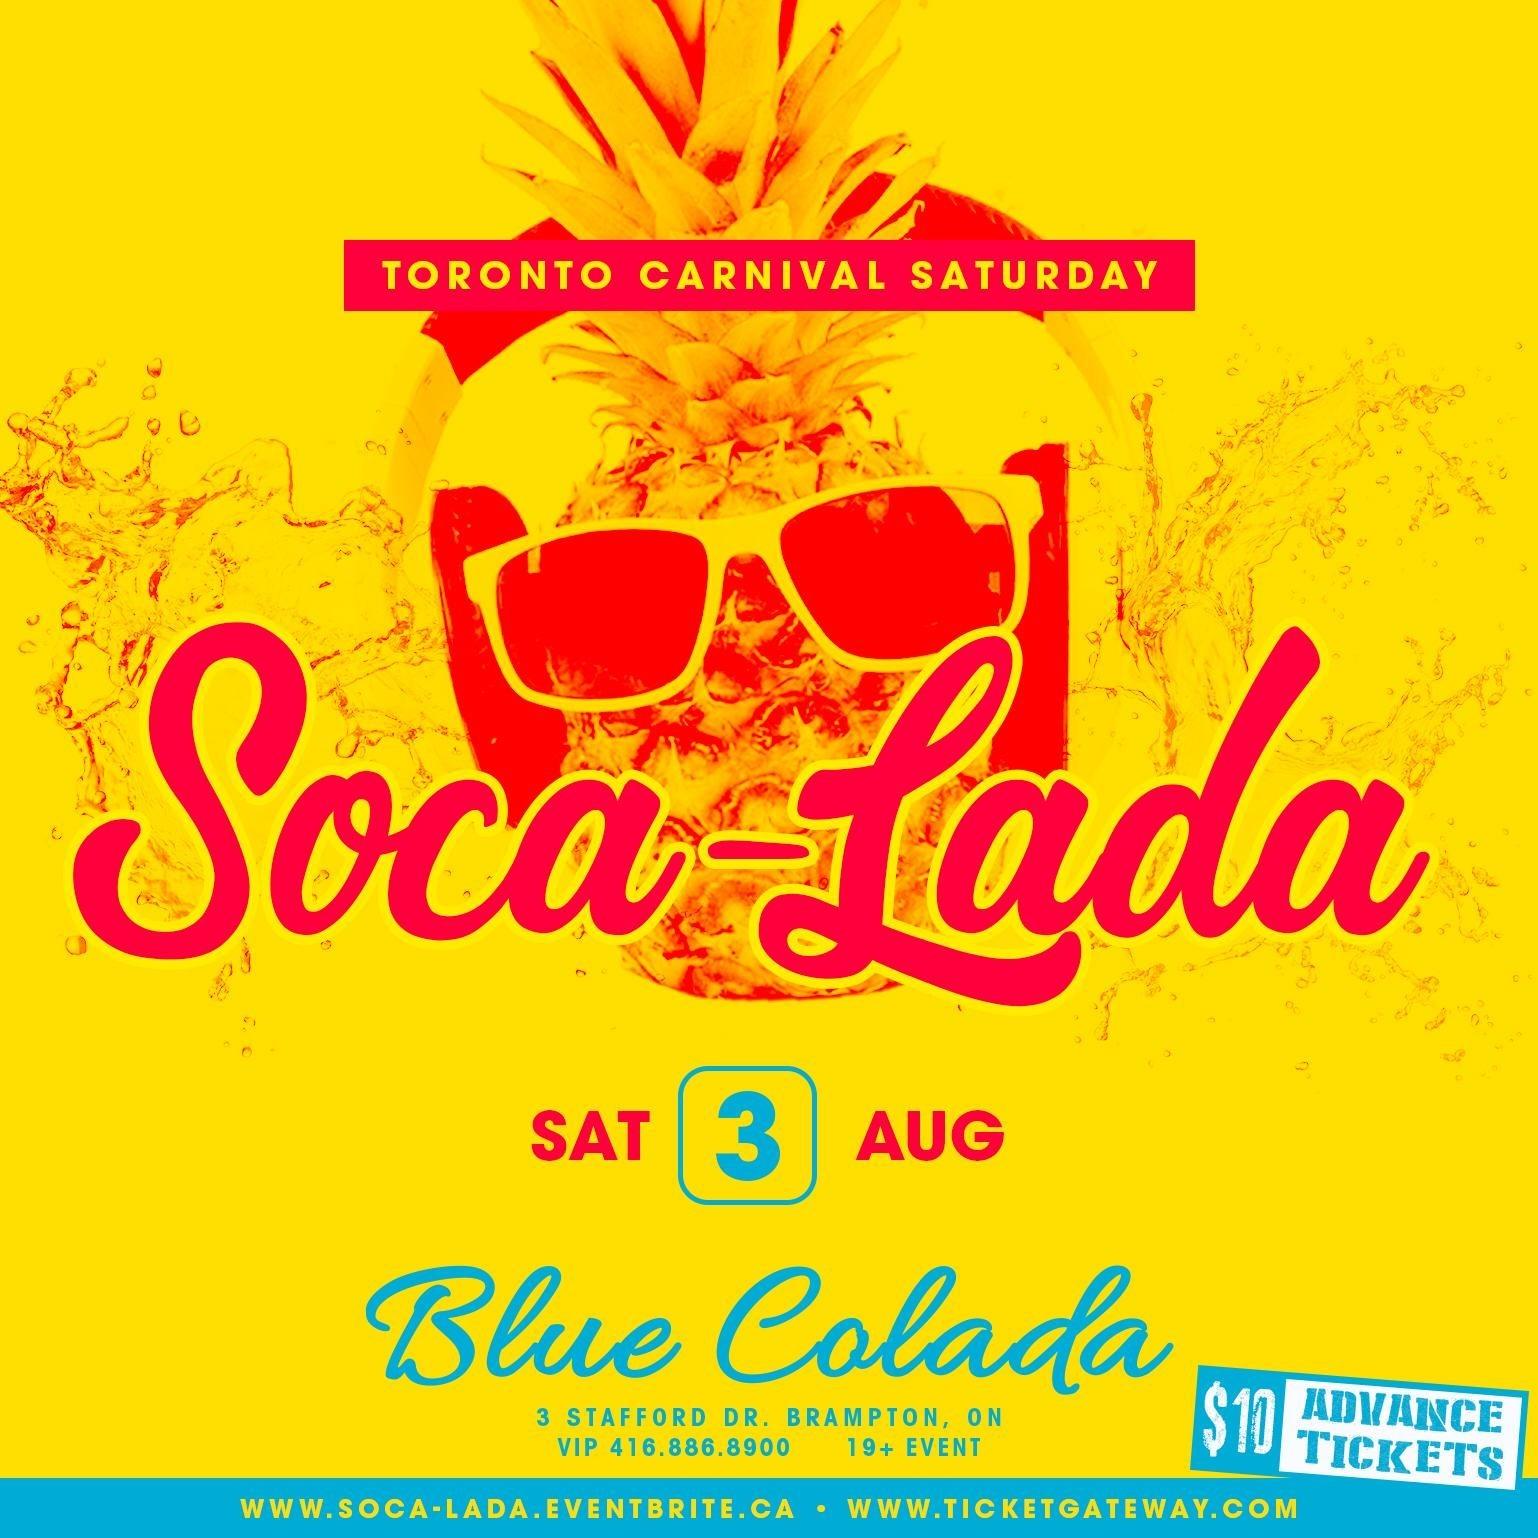 SOCA-LADA